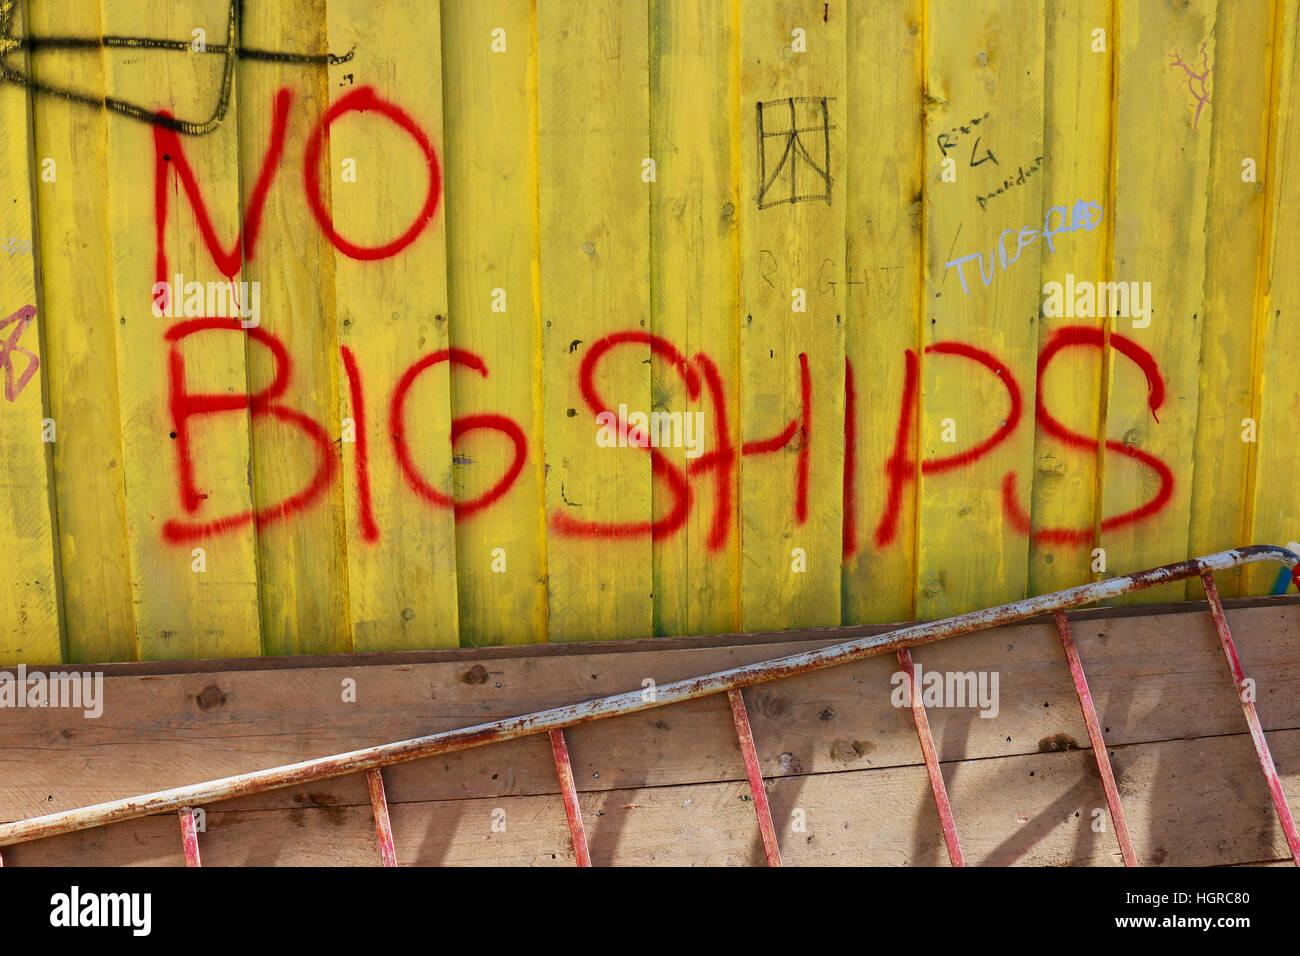 """""""Keine großen Schiffe"""" - Protest Gegen Grosse Passagierschiffe Nahe der Lagunenstadt Venedig Und Stockbild"""